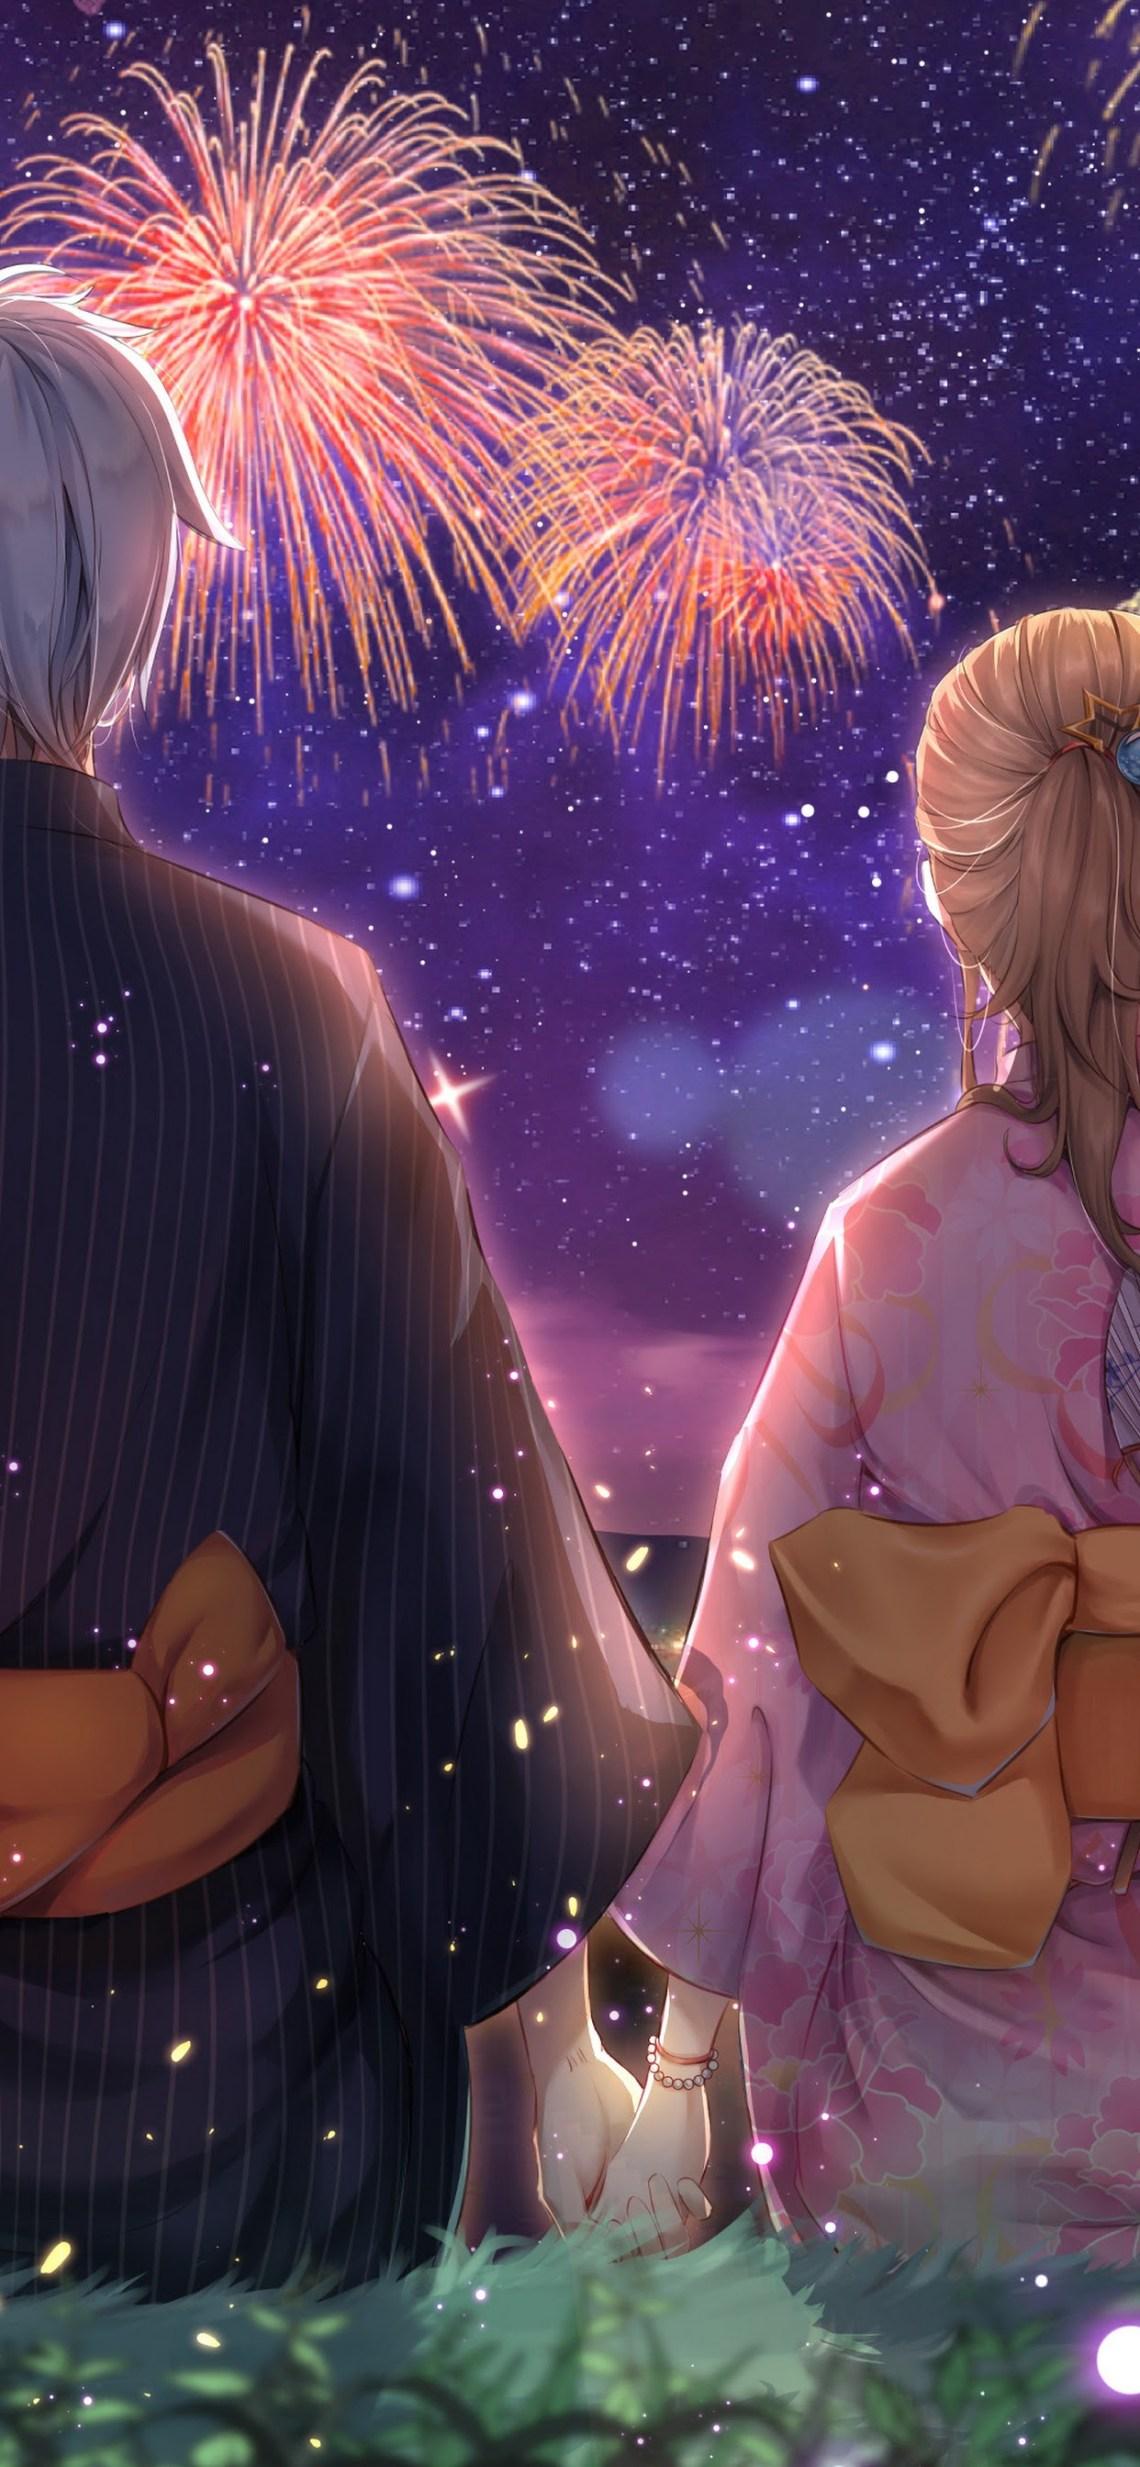 Anime Couple Fireworks Kimono 4k End Of An Era By Really Slow Motion 1242x2688 Wallpaper Teahub Io